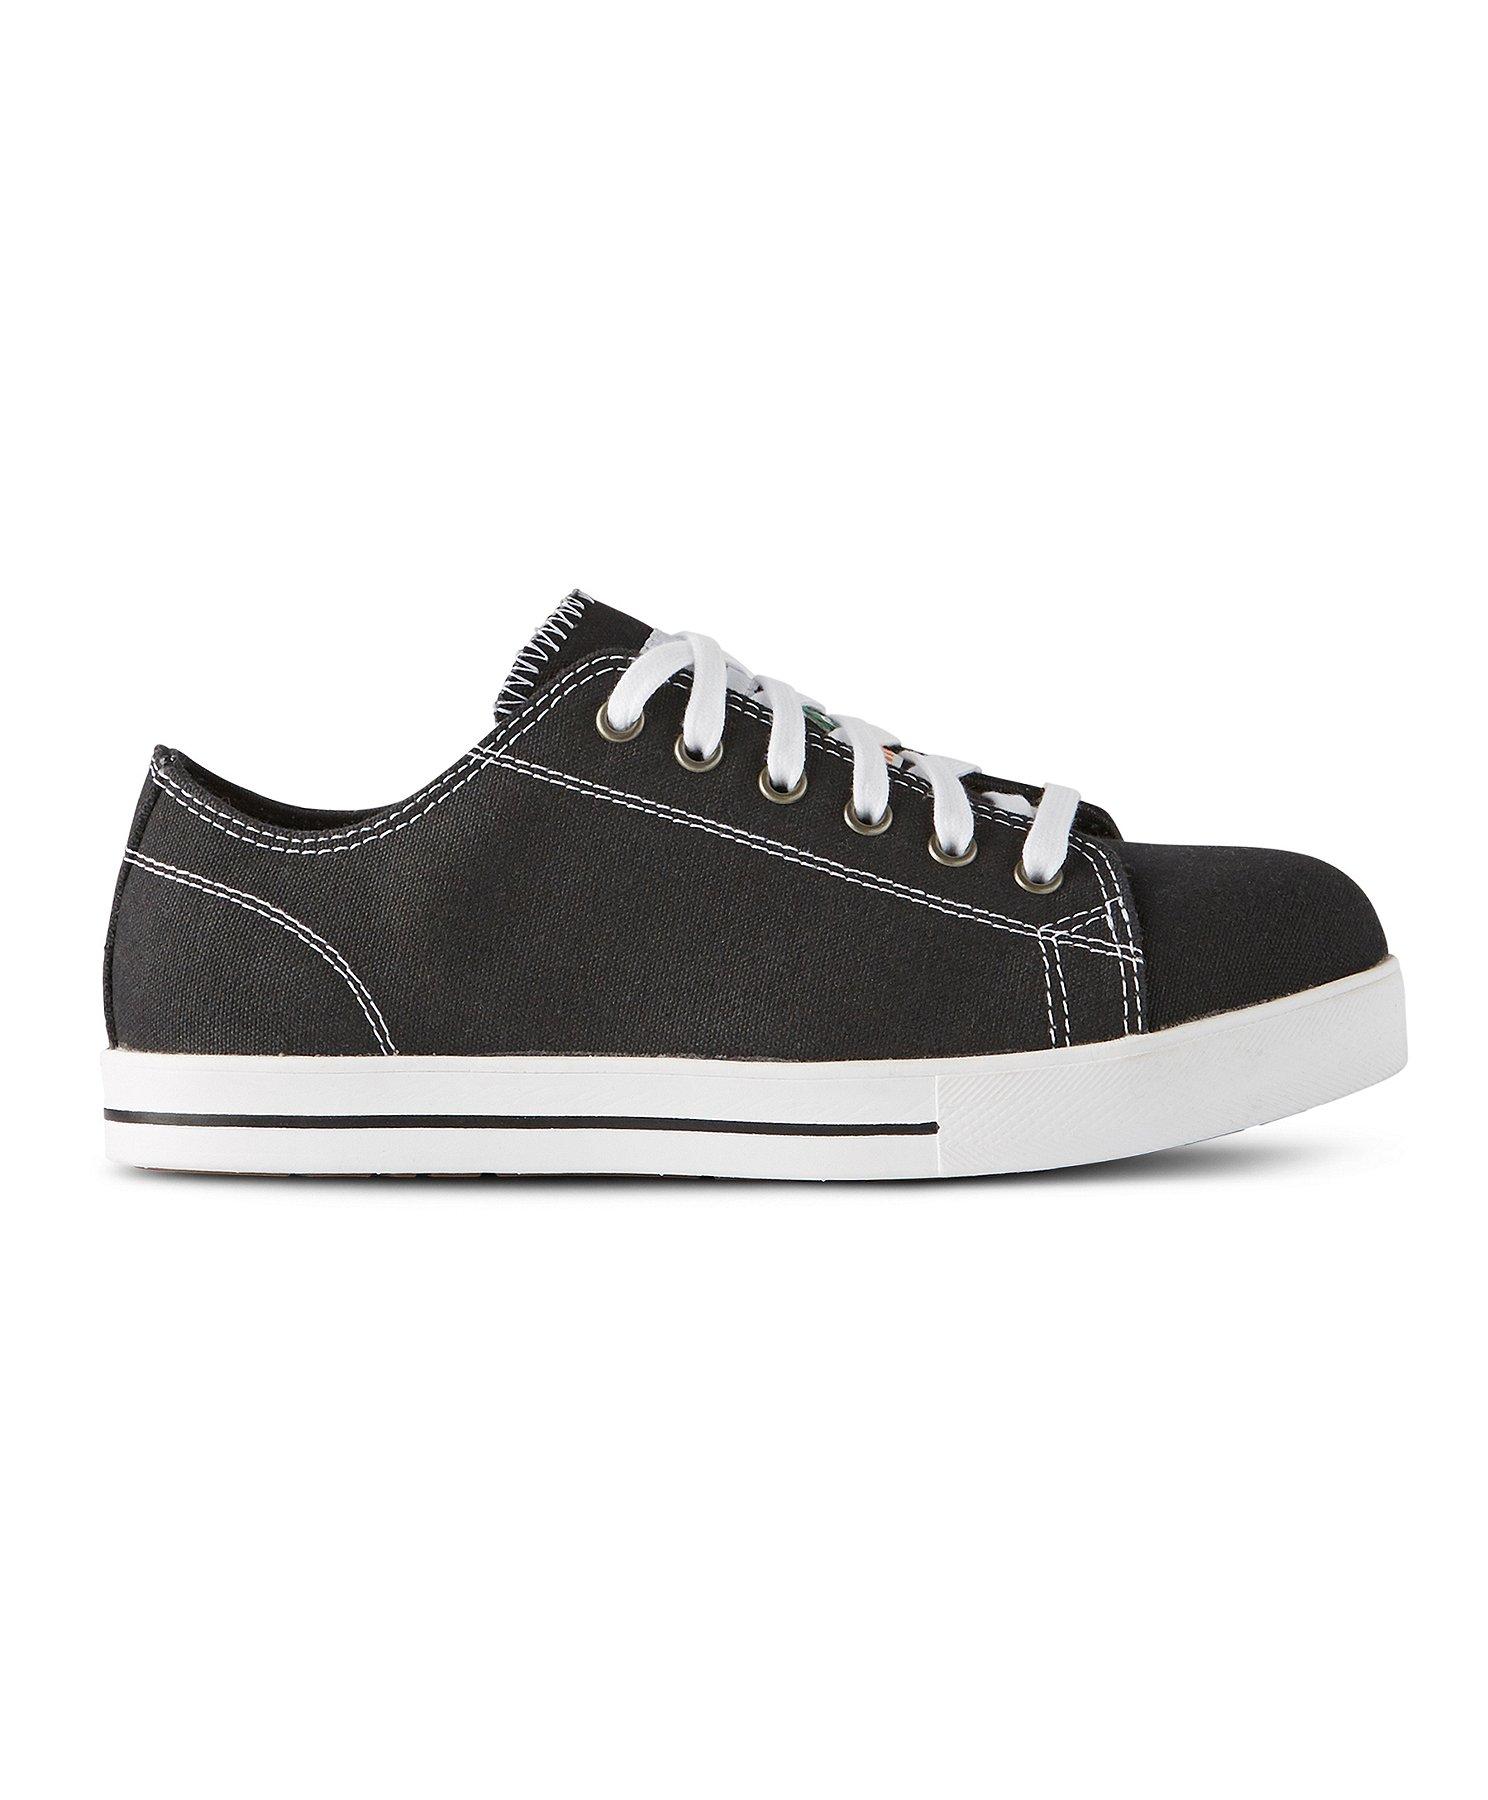 premier taux 7fa2a 12e21 Chaussures de sécurité légères en toile à protection en aluminium et en  composite, pour femmes